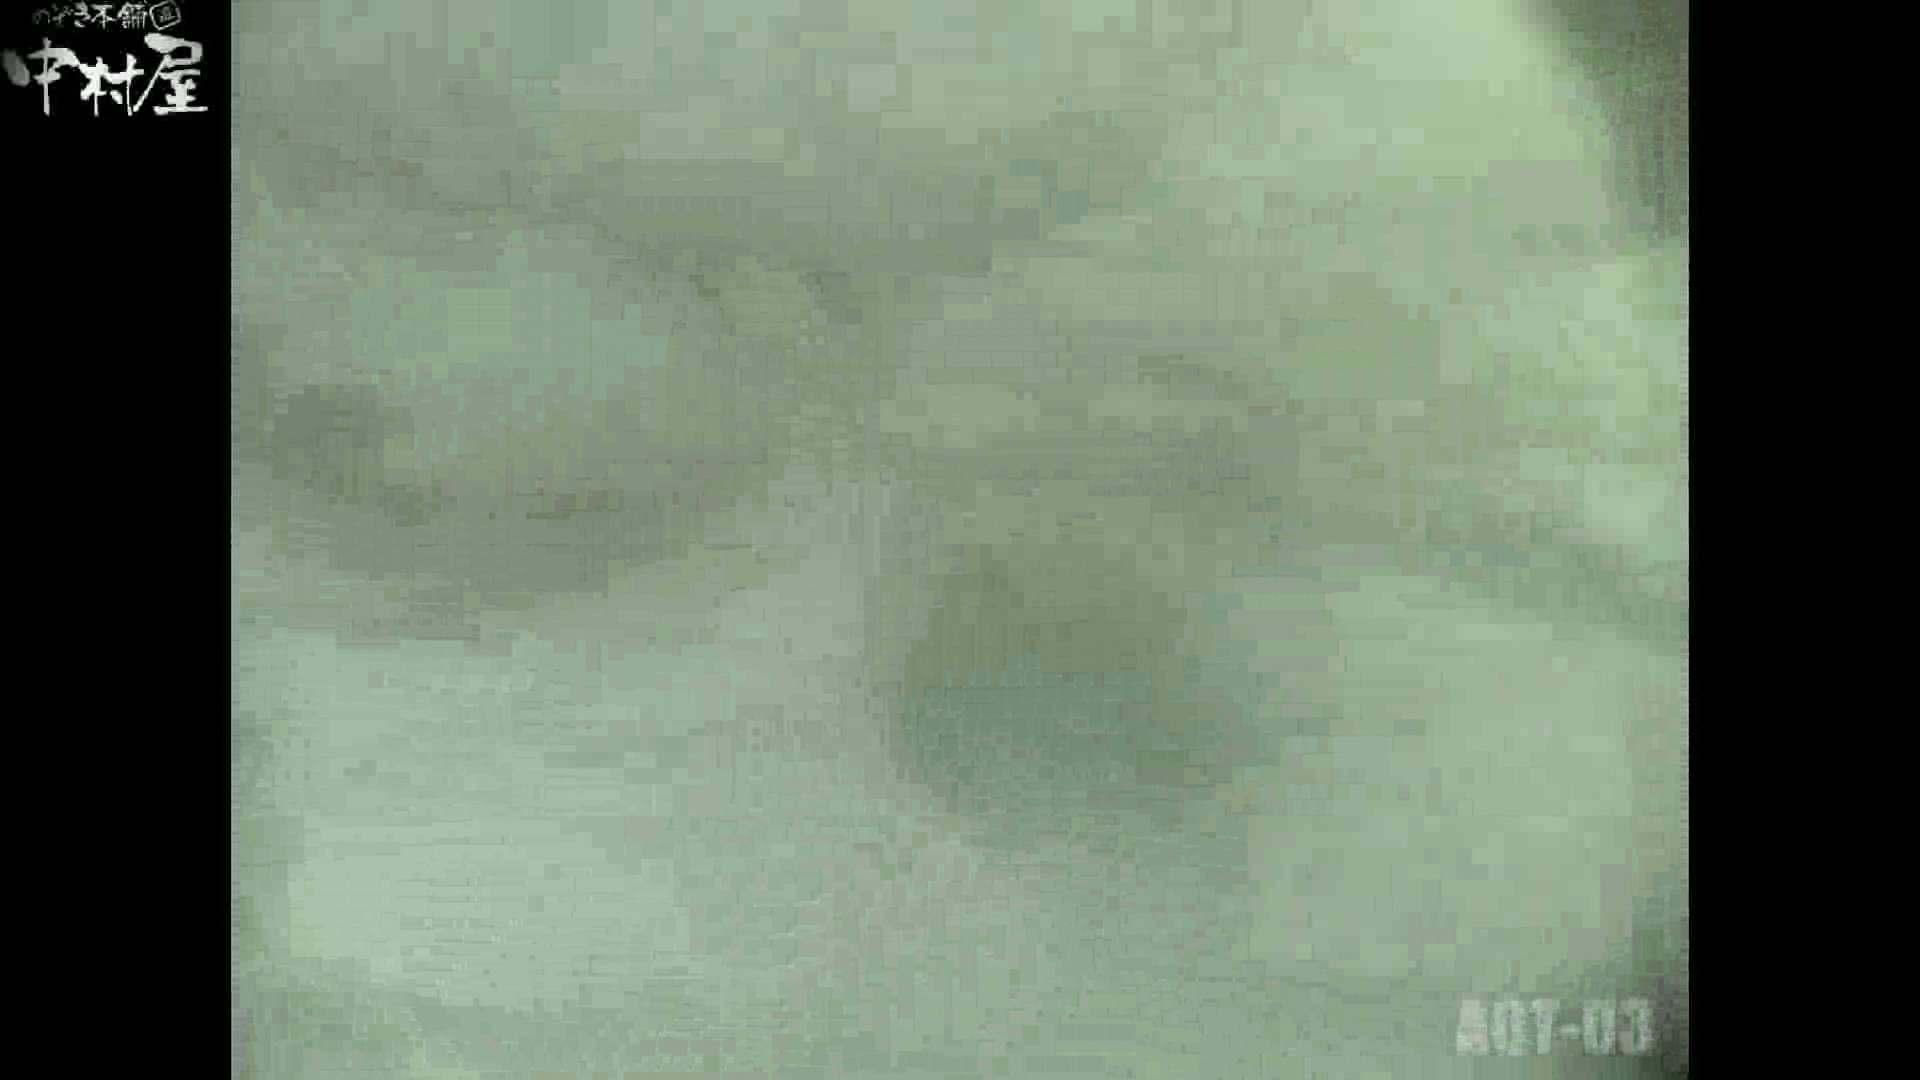 Aquaな露天風呂Vol.867潜入盗撮露天風呂参判湯 其の二 盗撮シリーズ  102PIX 48